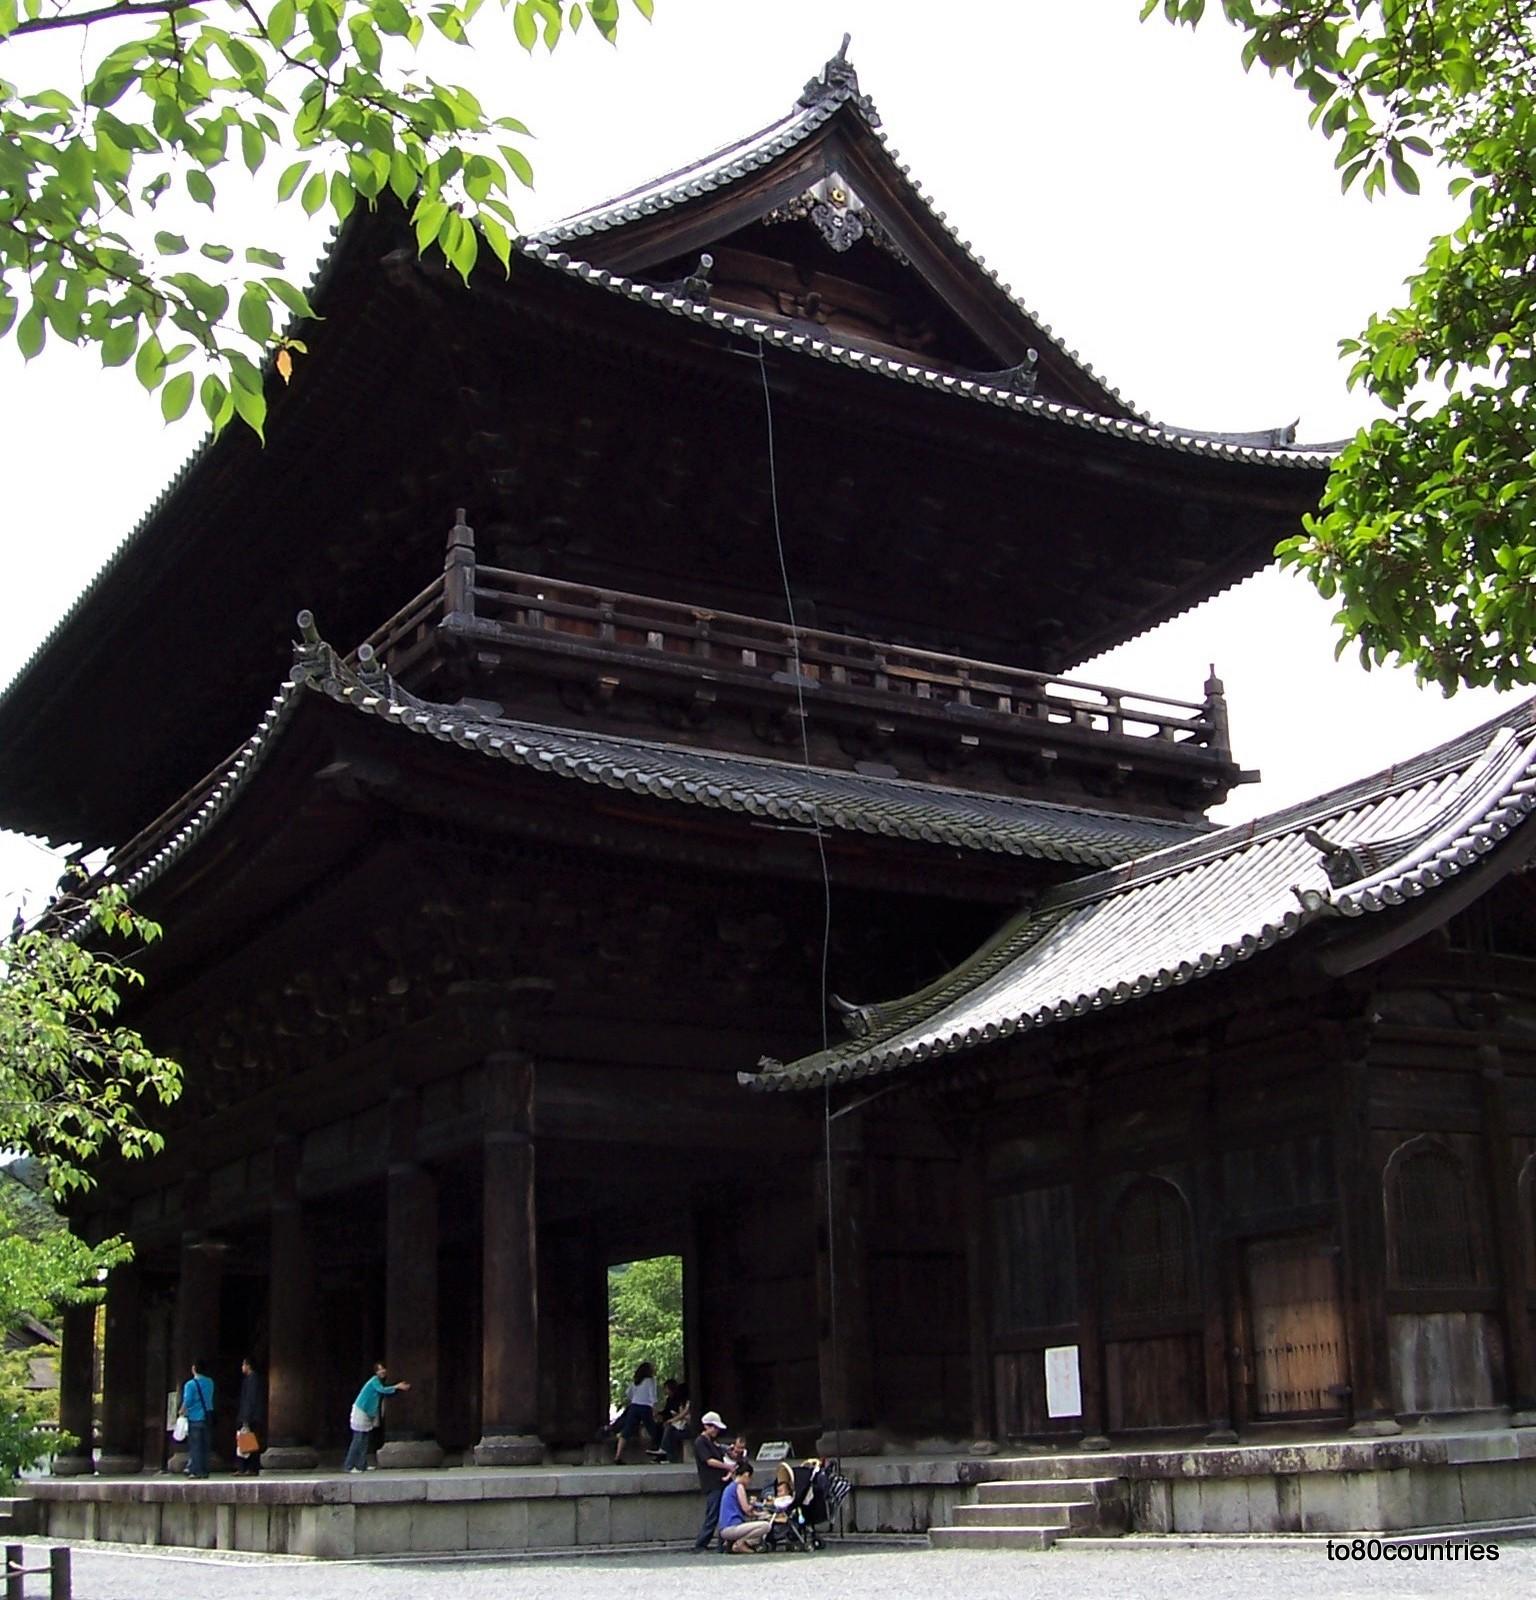 Nanzen-ji in Kyoto